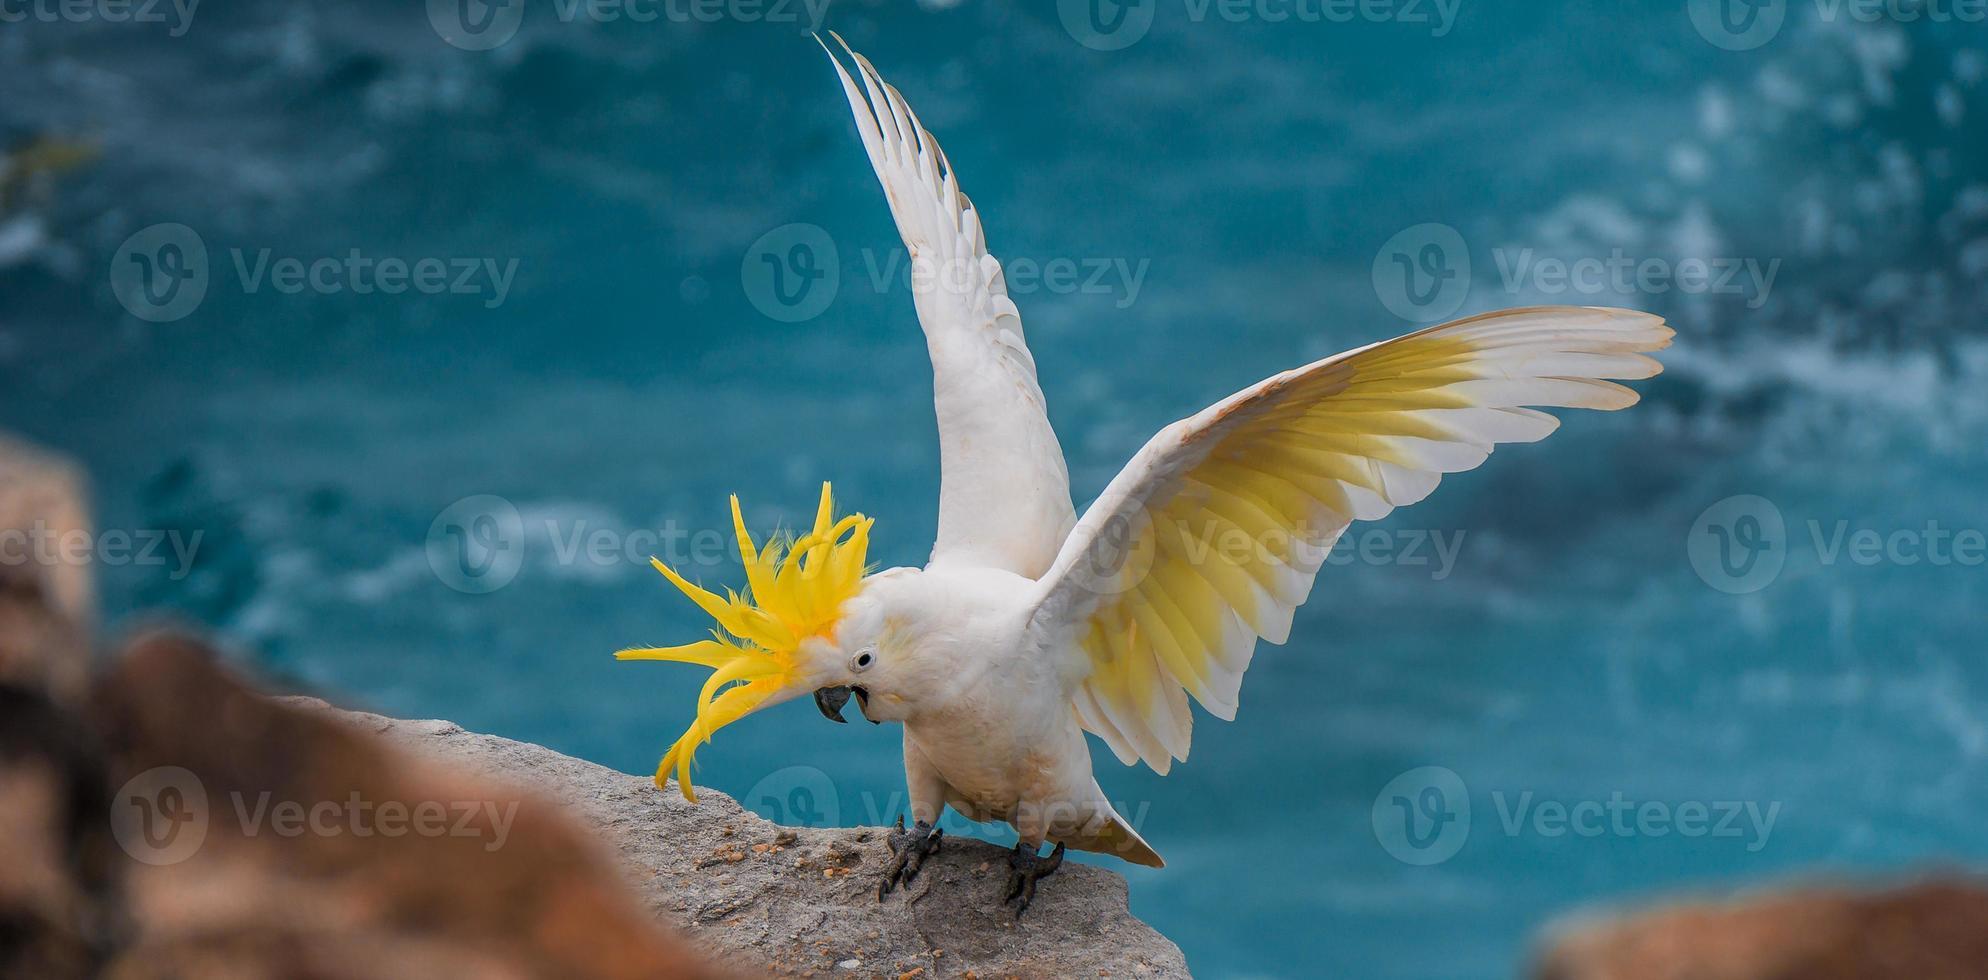 cacatua exibe suas asas foto